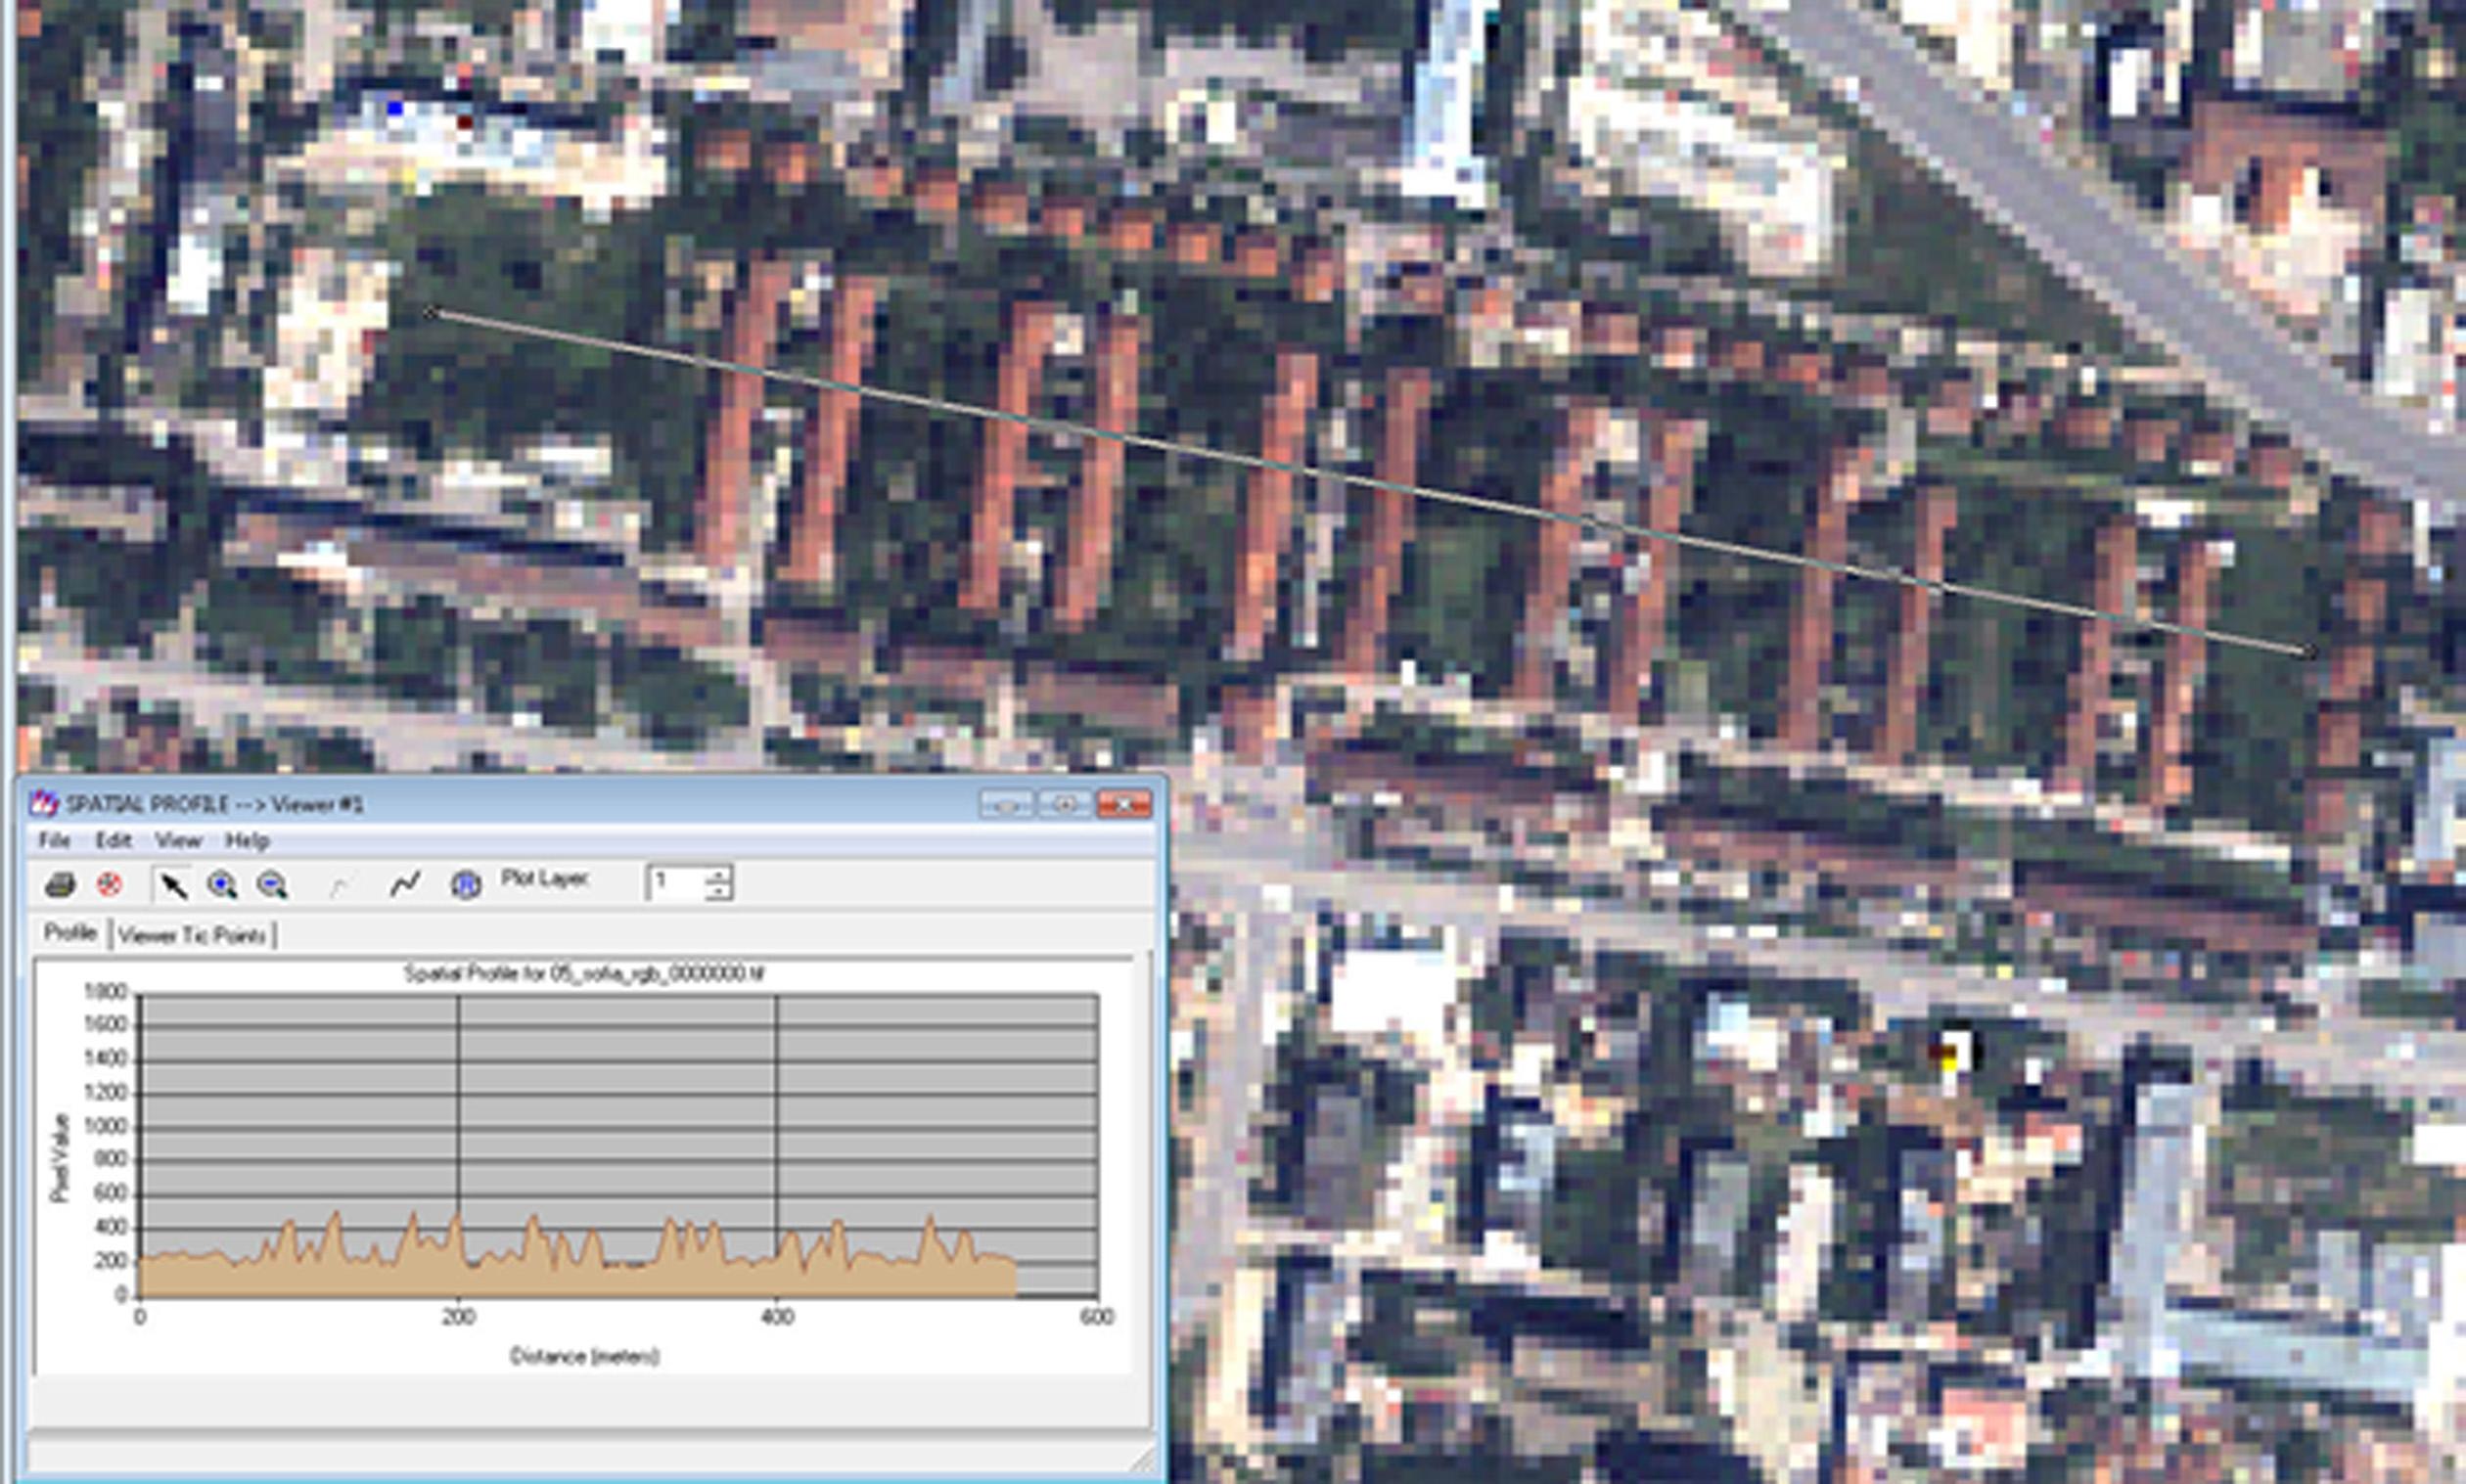 Използване на мултитемпорални изображения за проследяване на настъпили промени в застрояването на урбанизирани територии